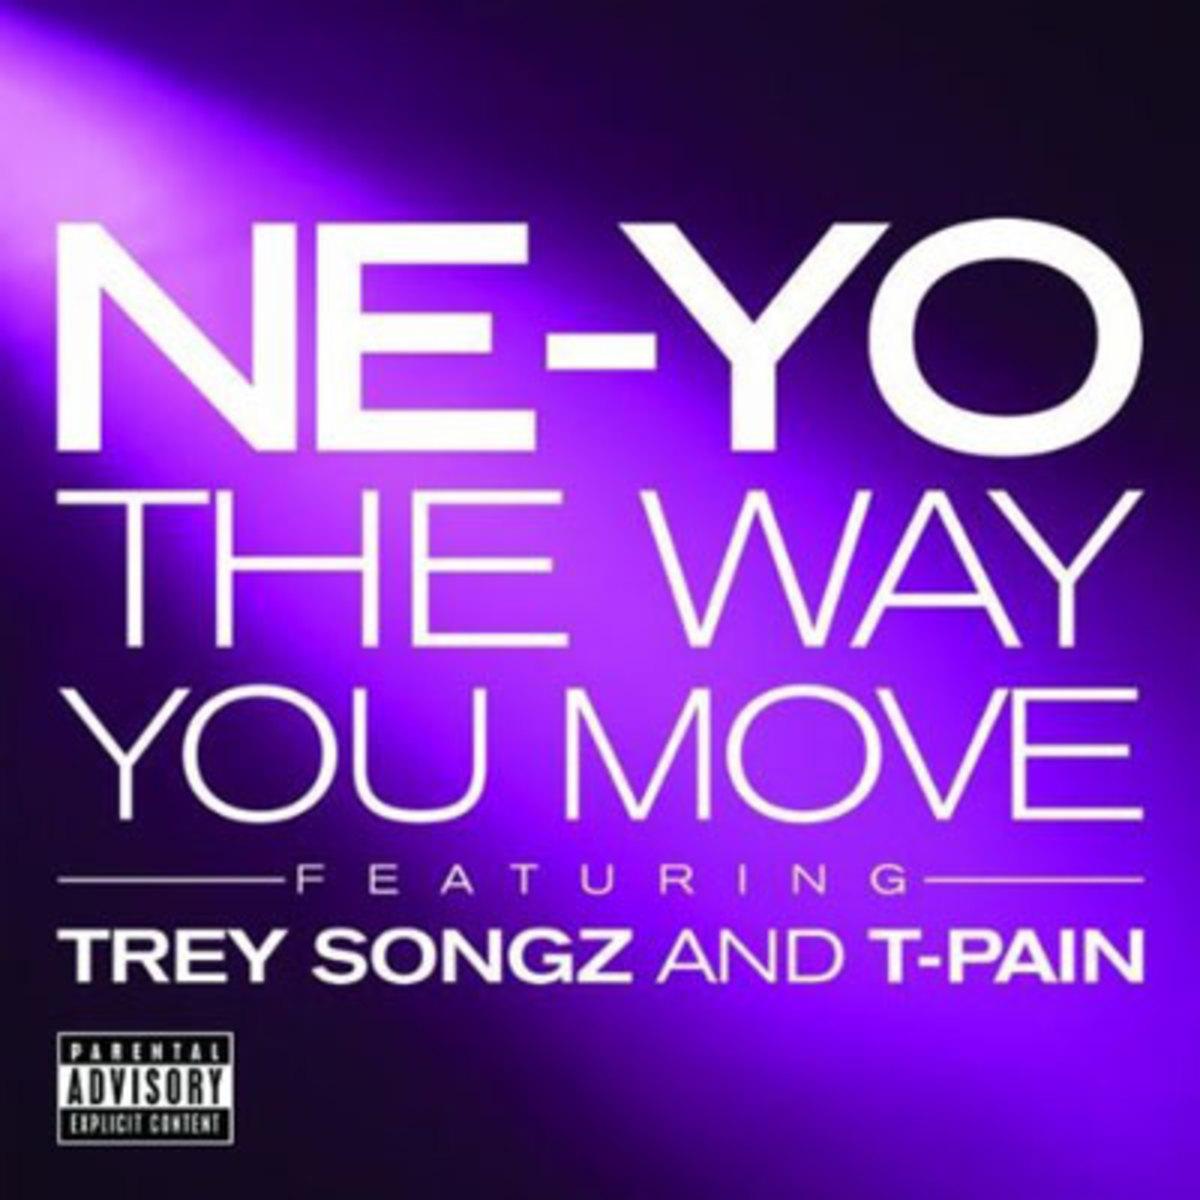 neyo-thewayyoumove.jpg